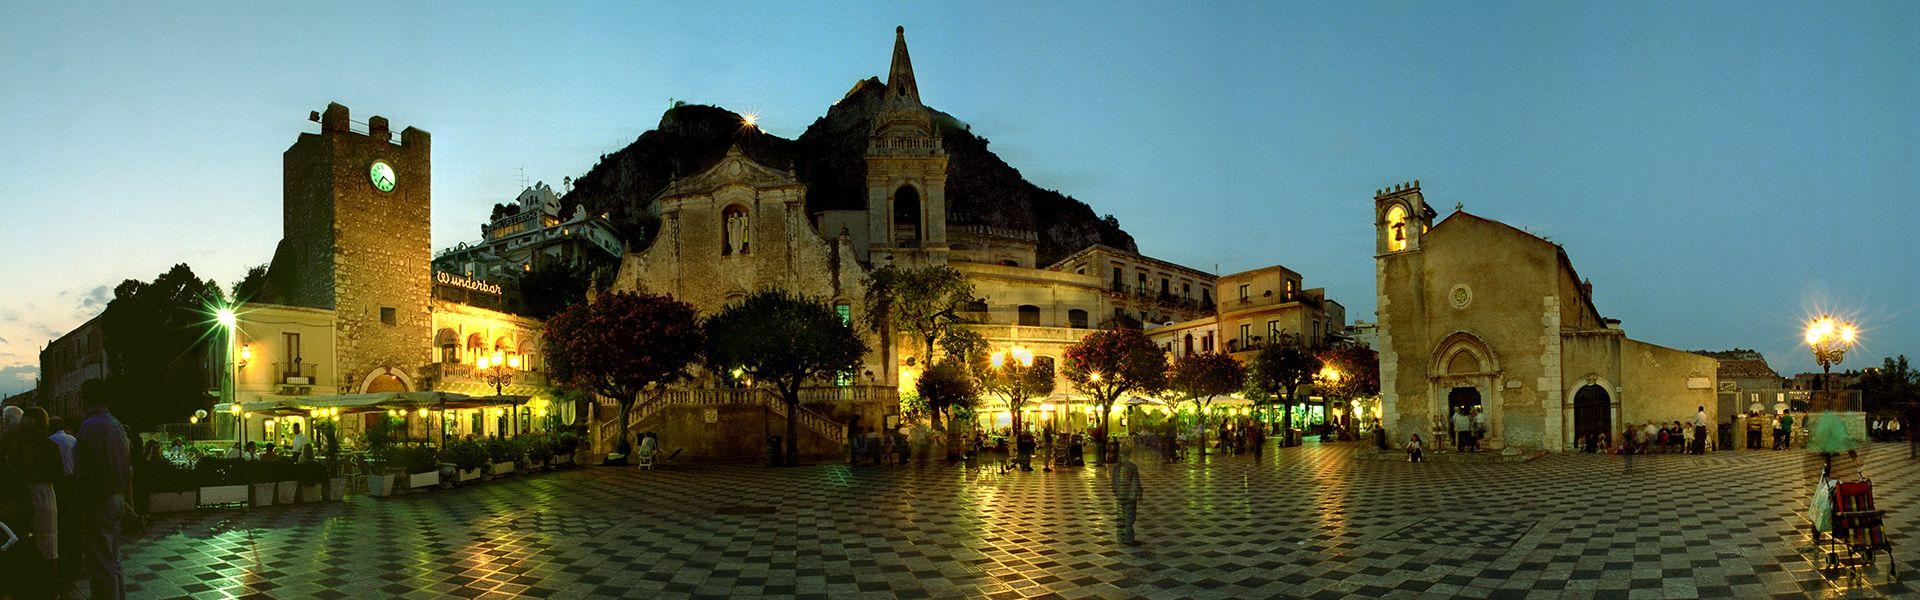 Sicilia Capodanno Barocco